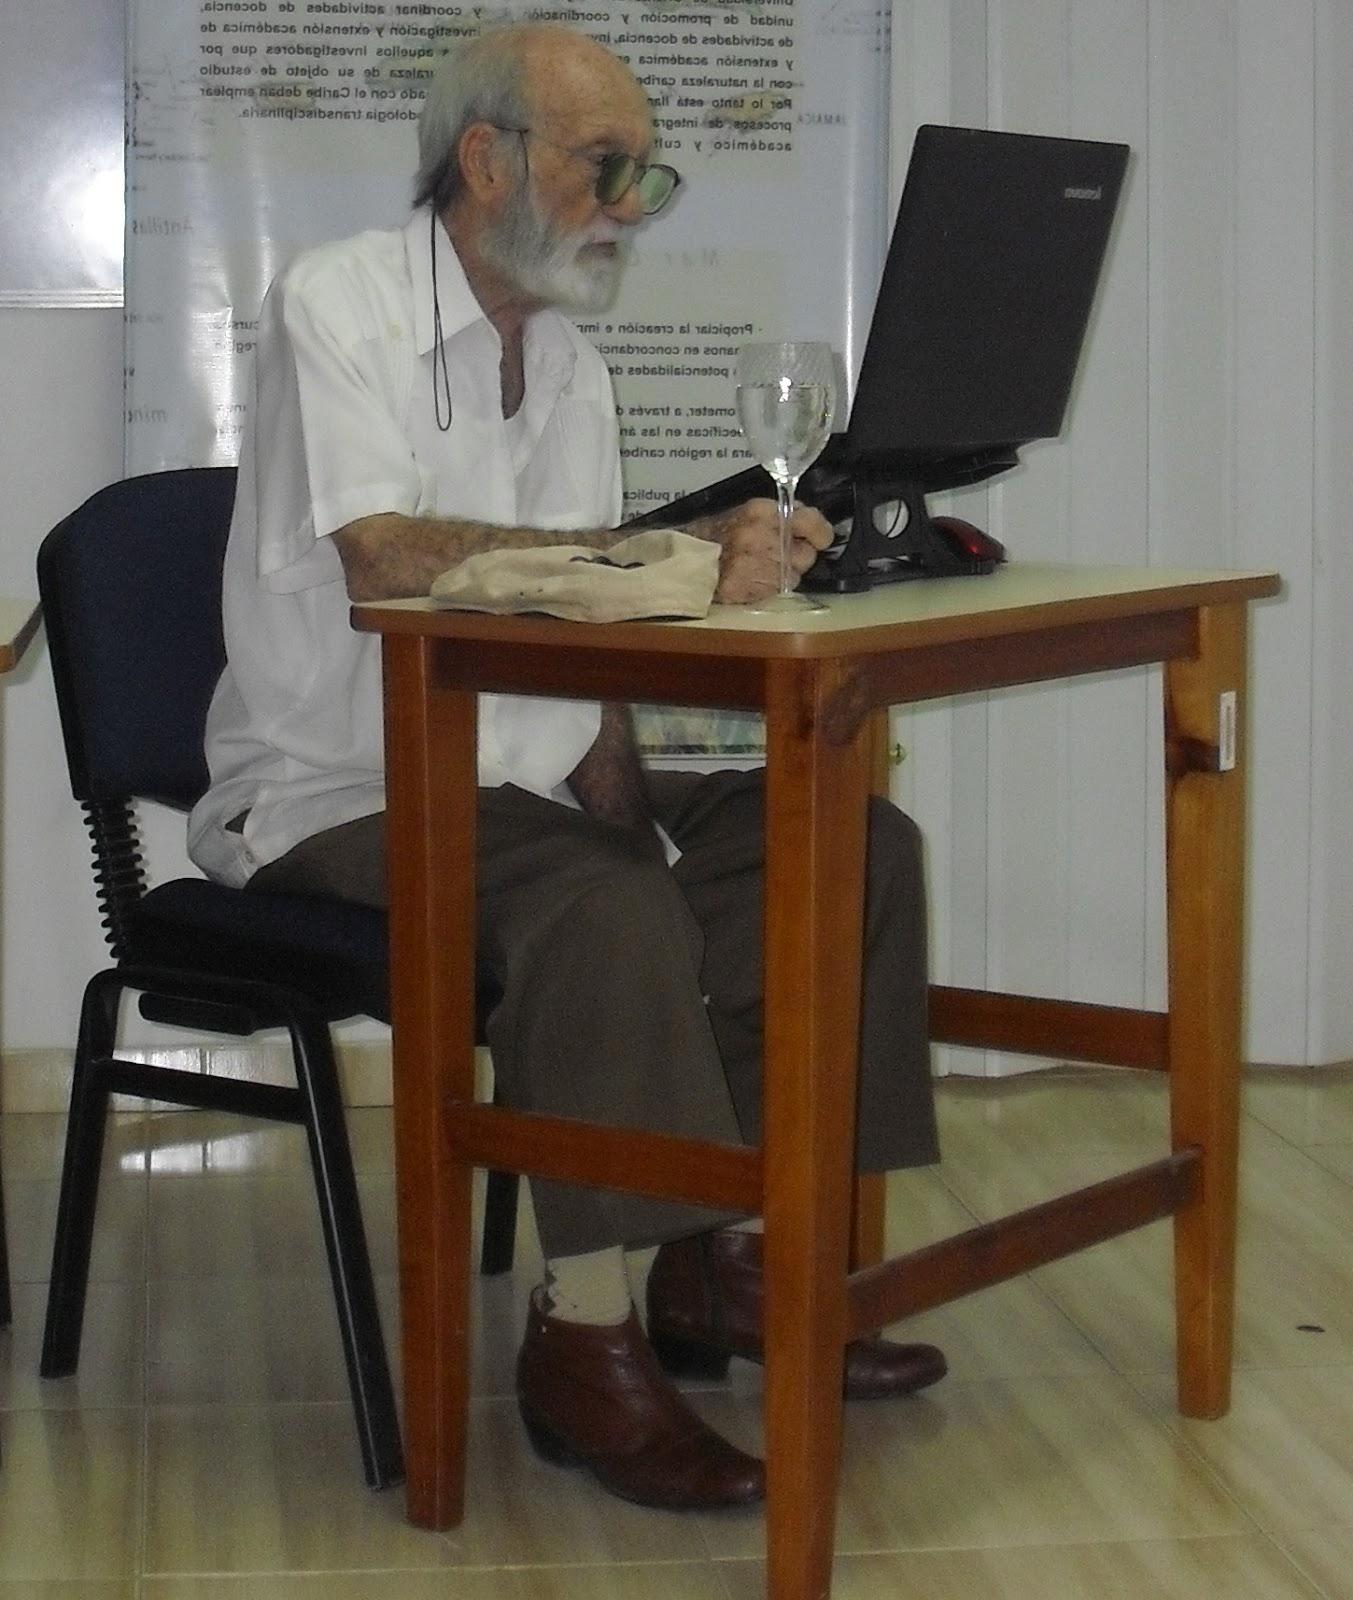 Centro de Estudios Caribeños: 1/12/17 - 1/01/18